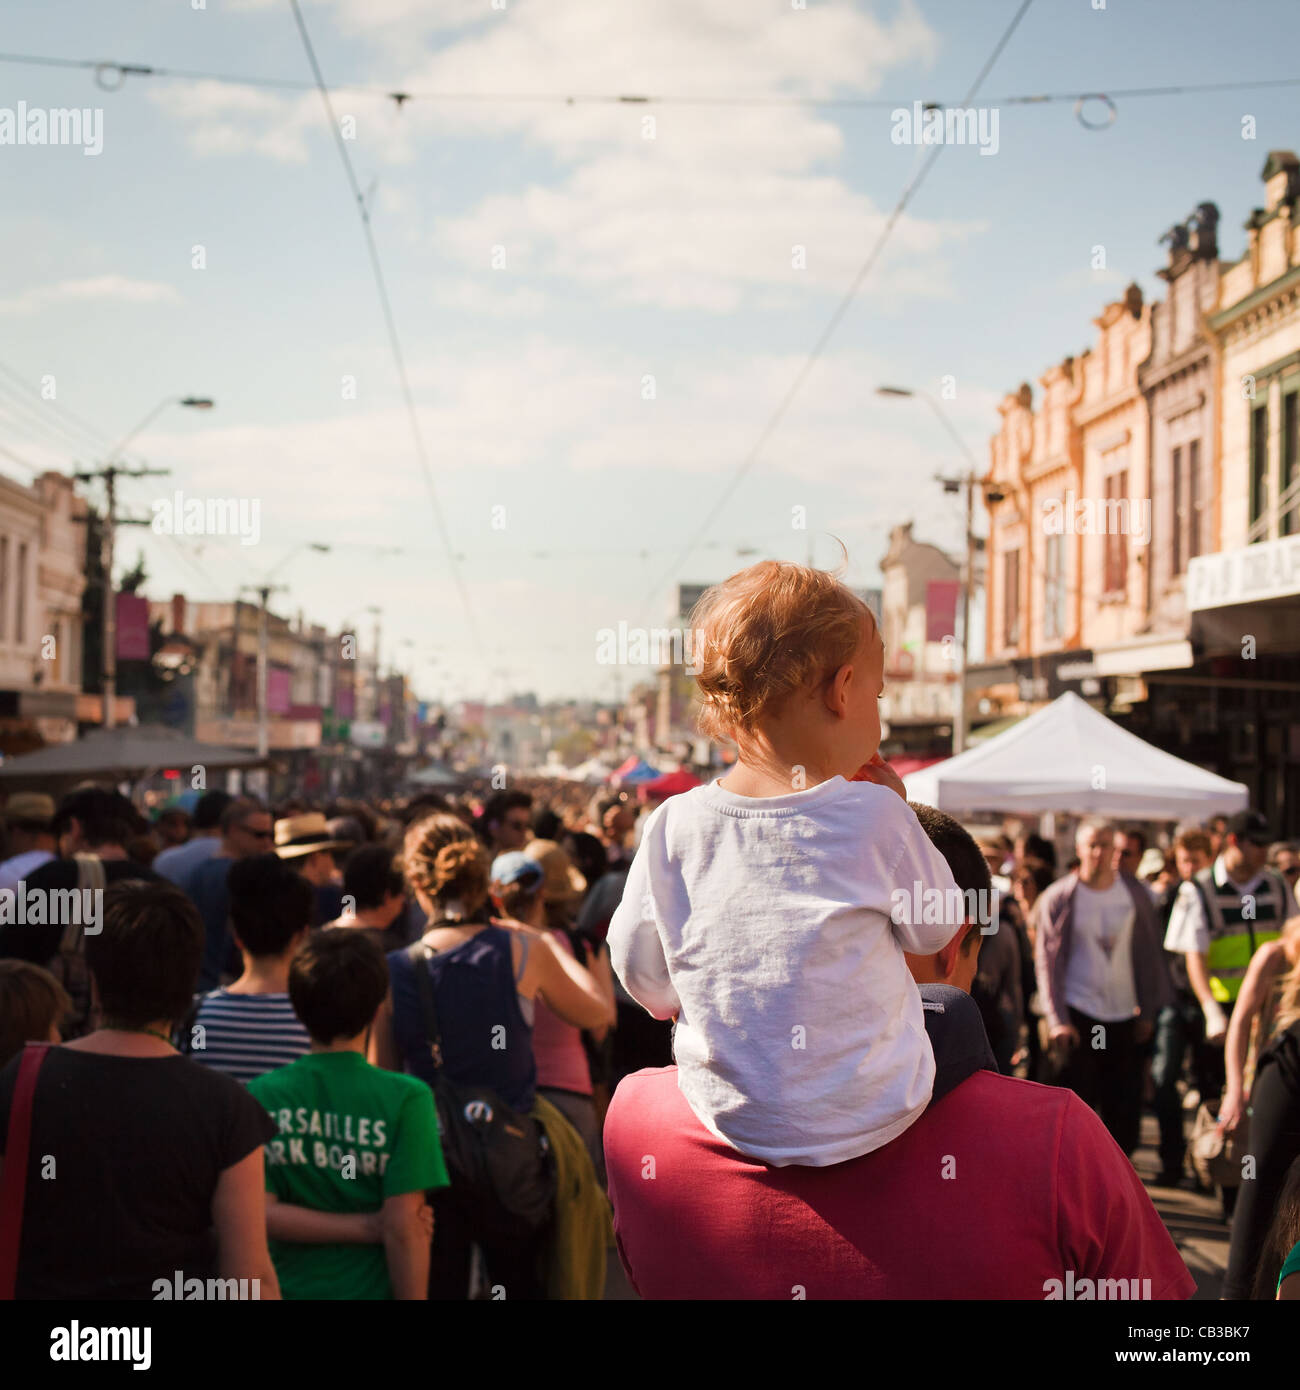 High Noon Gemeinschaft Festival ist ein lokales Musikfestival in Melbourne, Australien Kind ein Schweinchen bekommt Stockbild